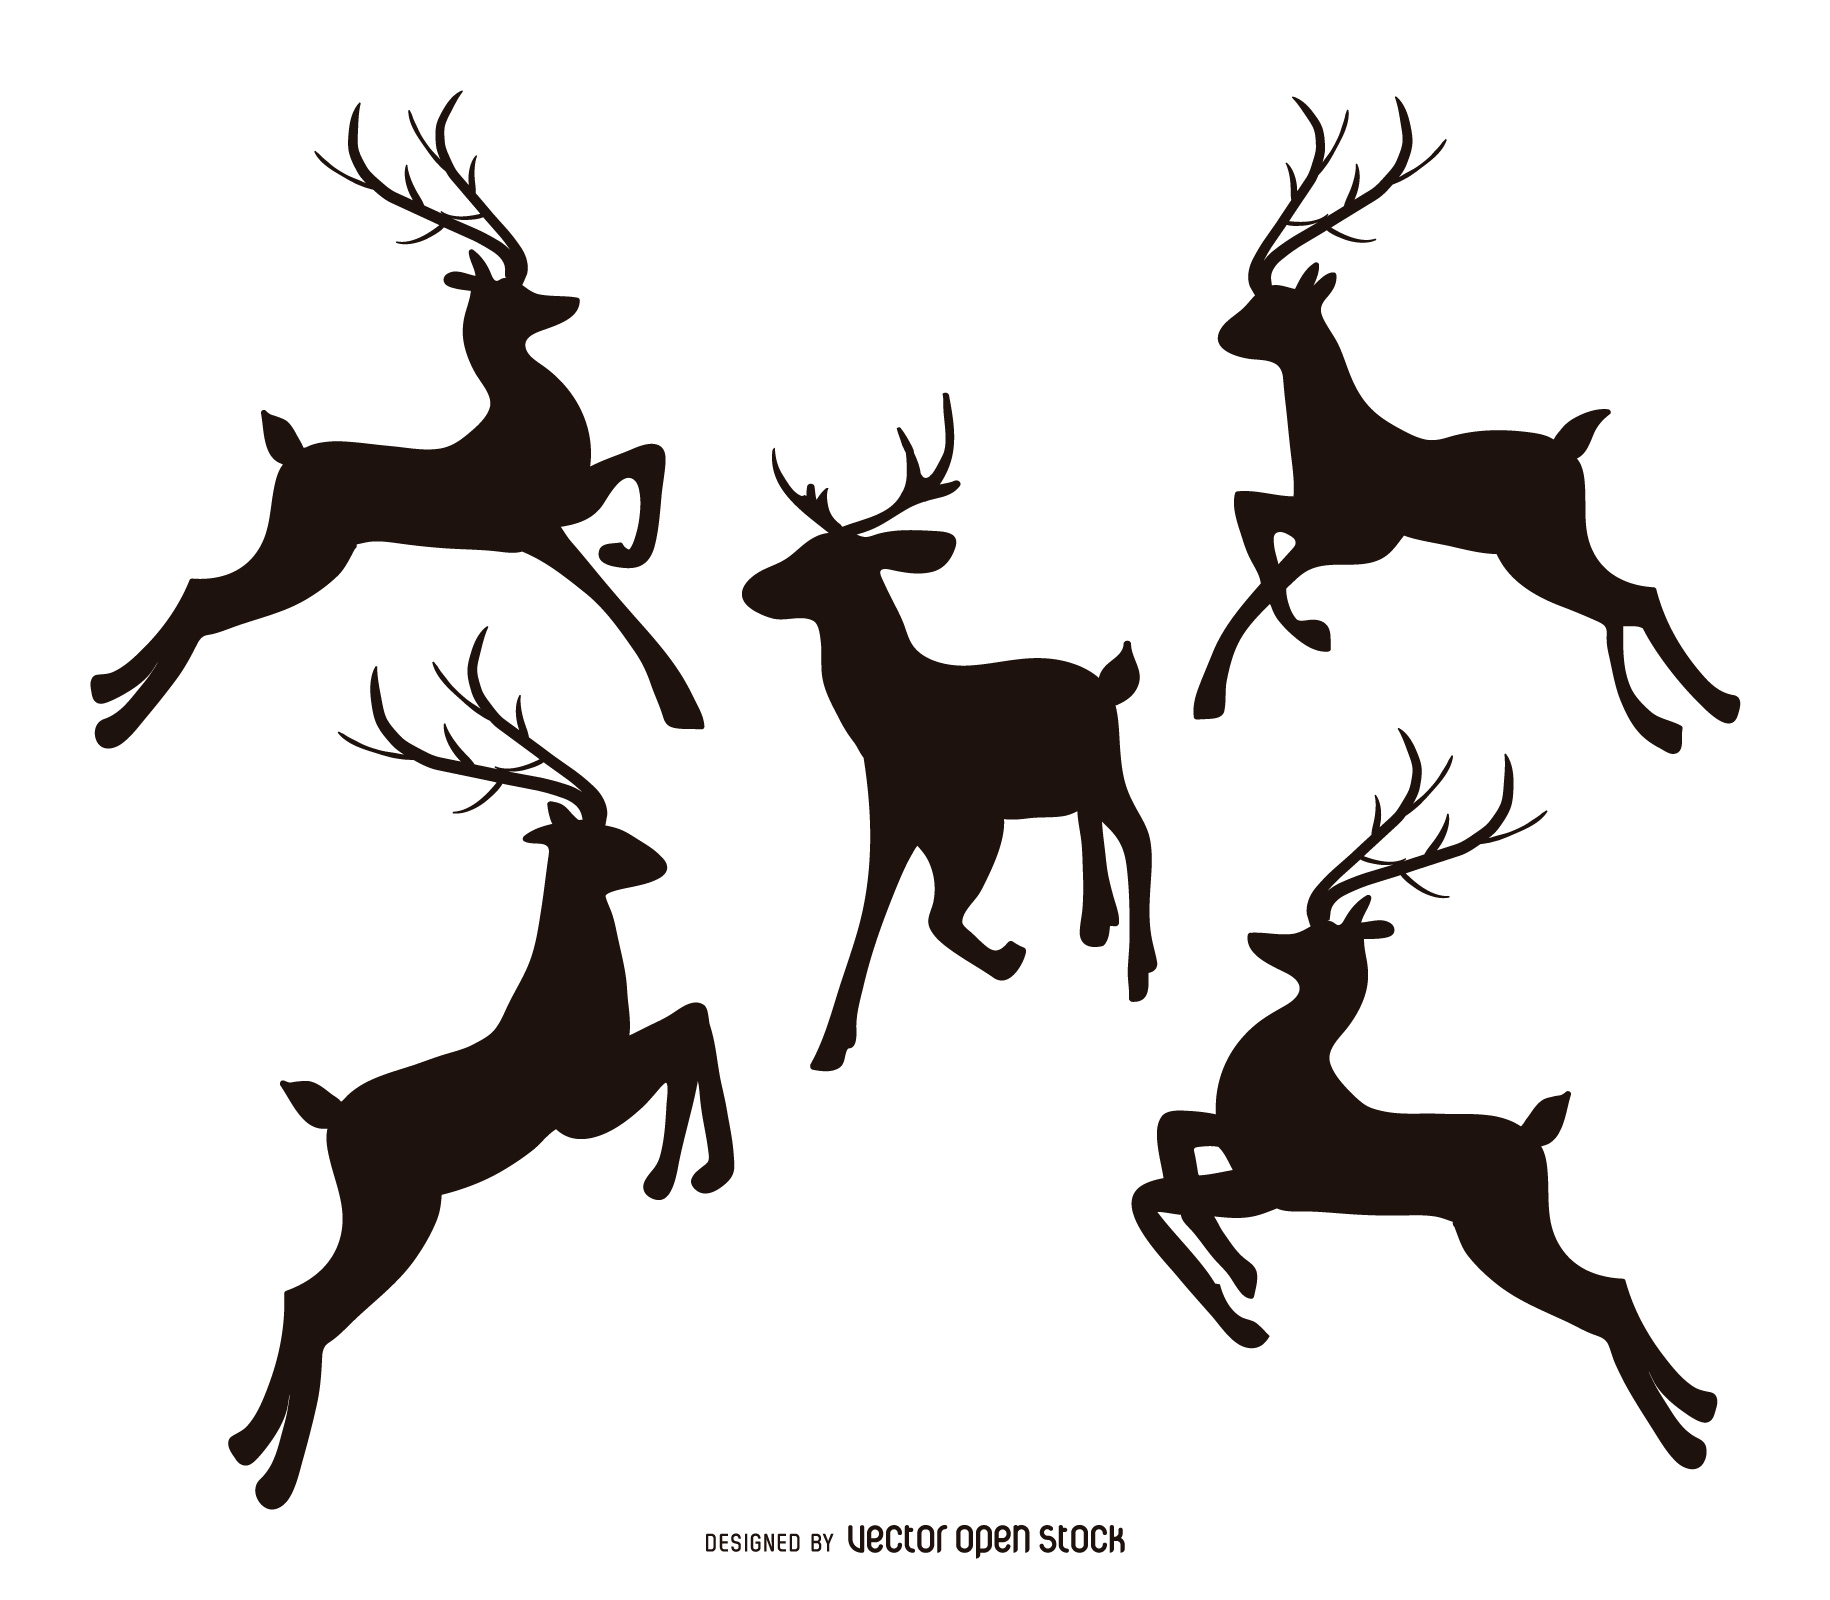 Drawn reindeer vector Reindeer Graphics Vector Reindeer to